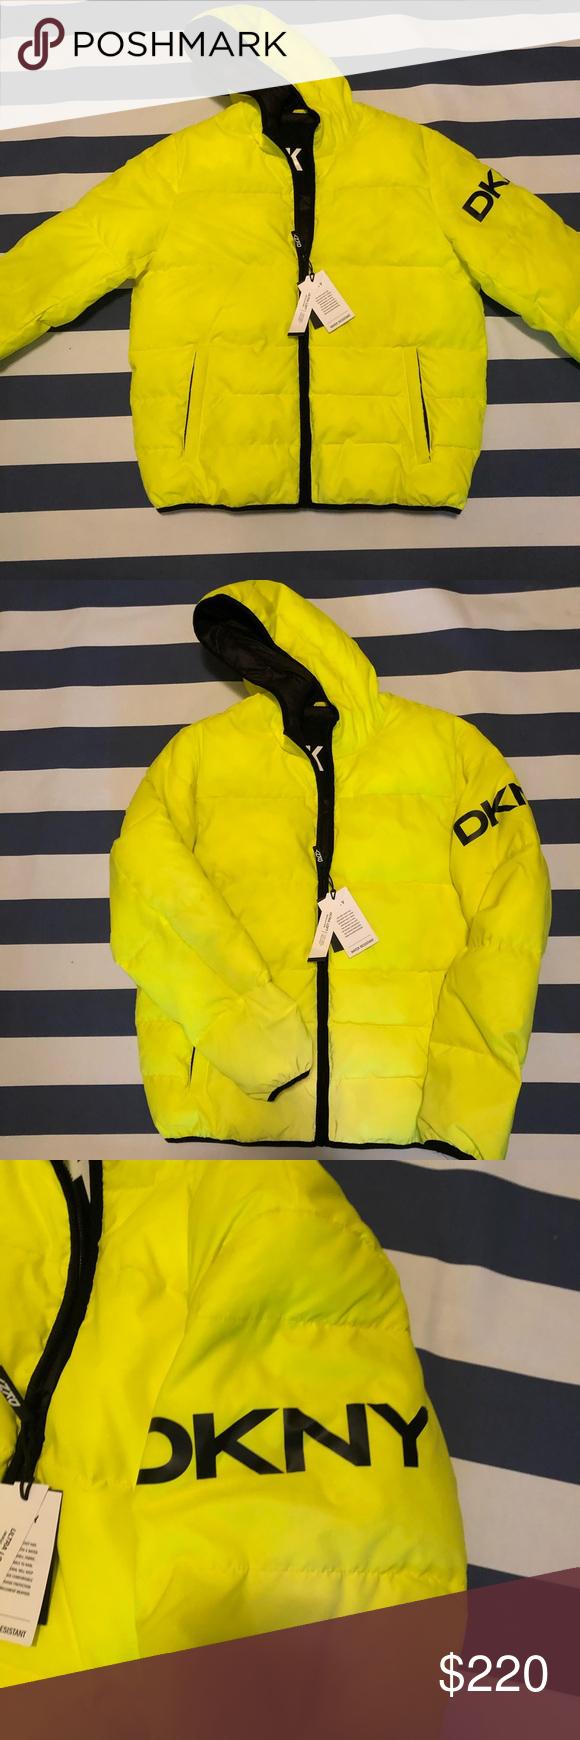 Men S Dkny Neon Water Resistant Puffer Coat L Brand New Men S Dkny Neon Water Resistant Puffer Coat Size Large Dkny Jackets C Puffer Coat Dkny Clothes Design [ 1740 x 580 Pixel ]